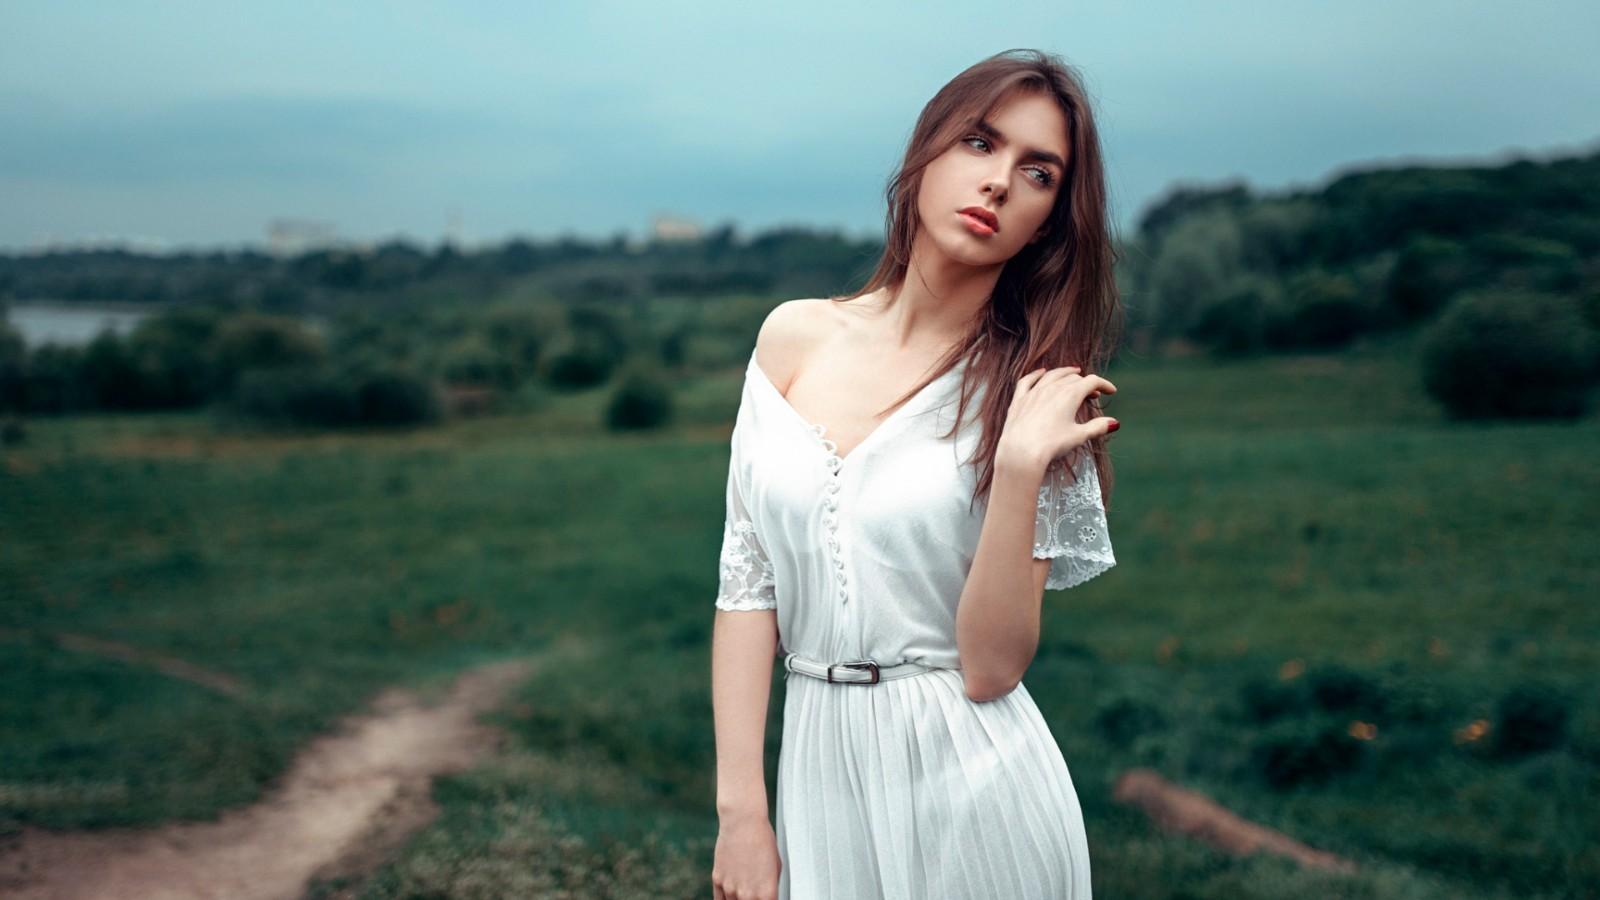 女孩可爱的照片,美丽的女孩,白色裙子,好看的姿势,自然,美女壁纸